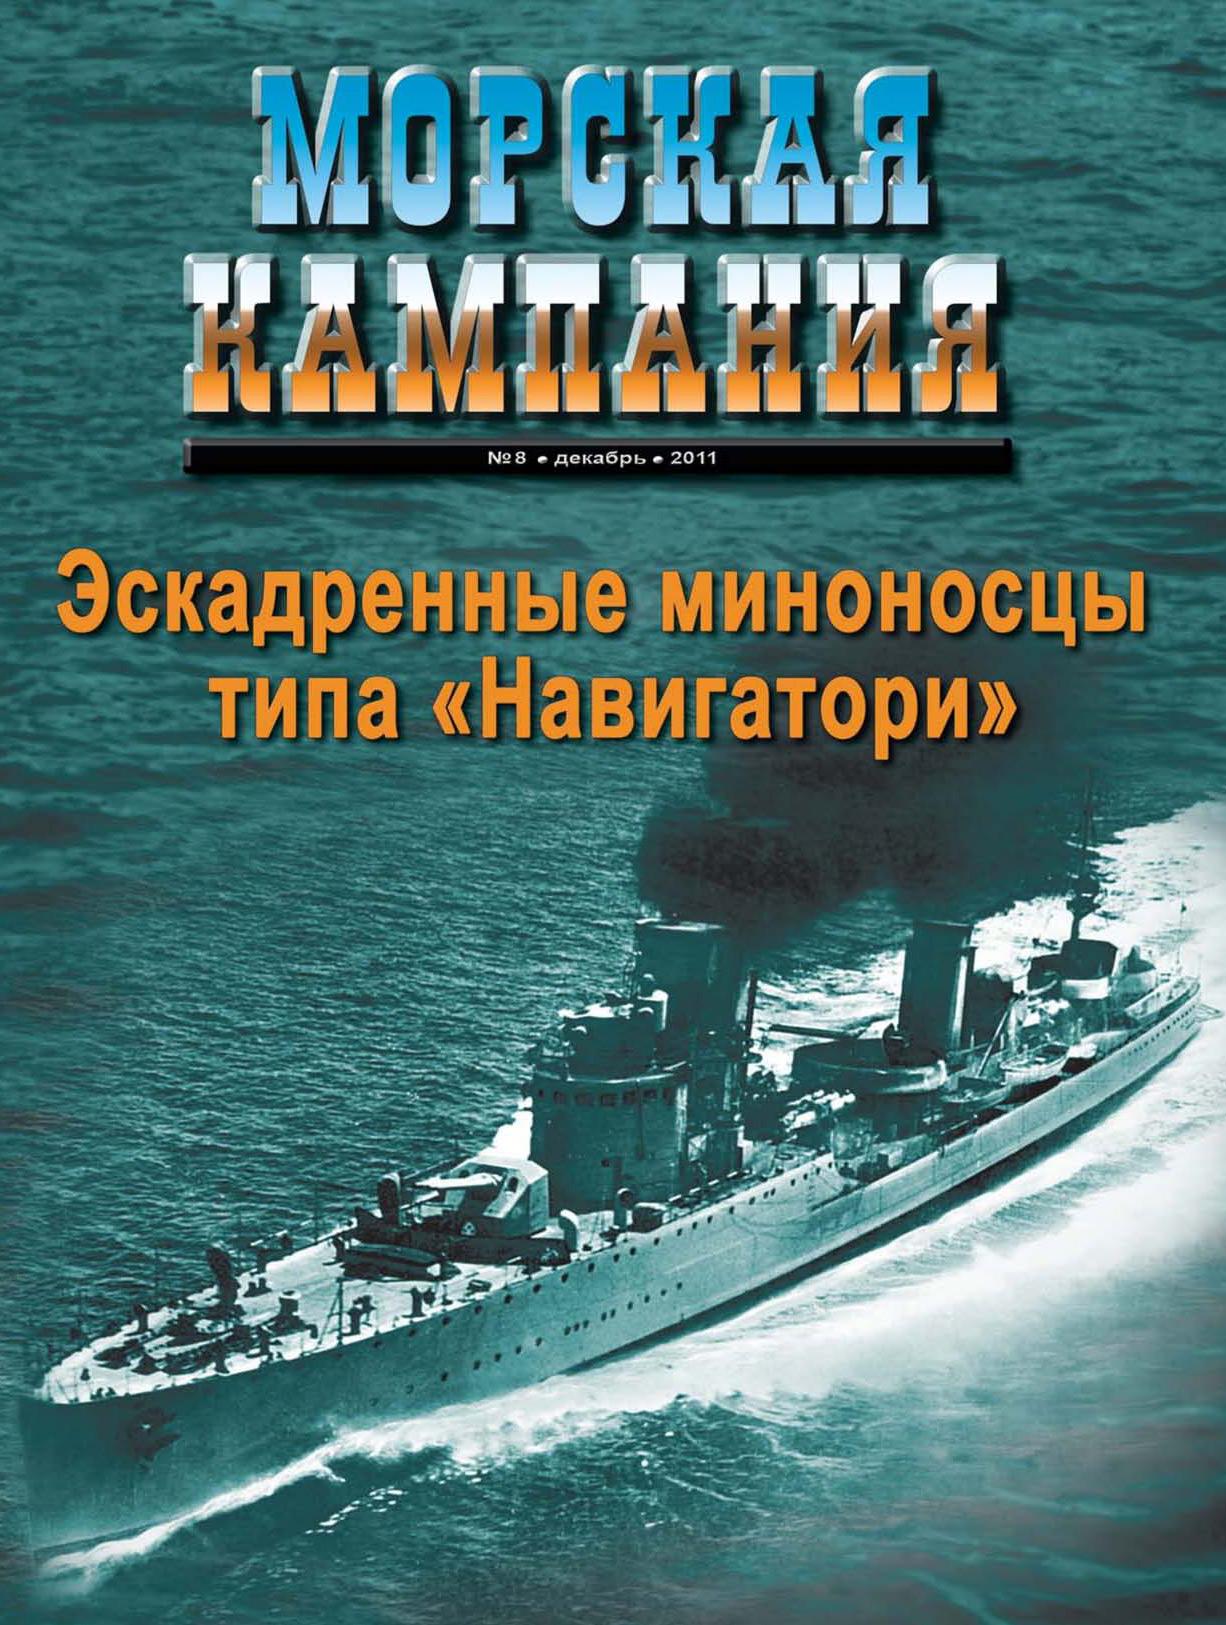 Морская кампания № 08/2011